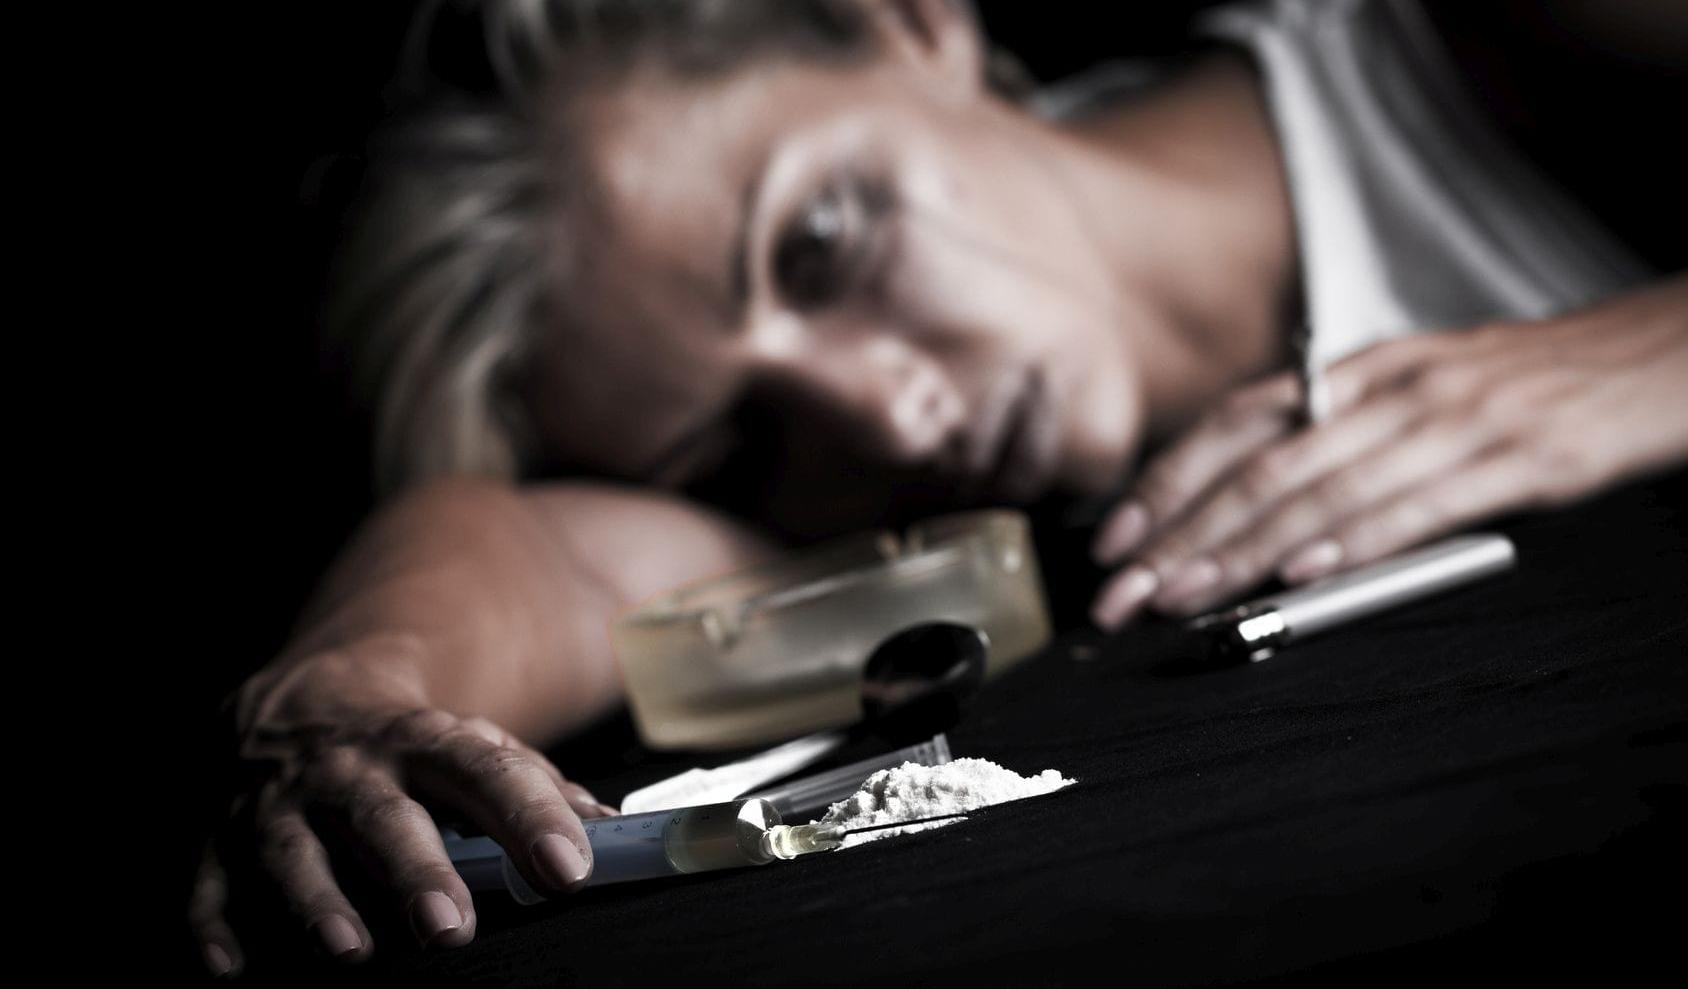 Последствия употребления кокаина